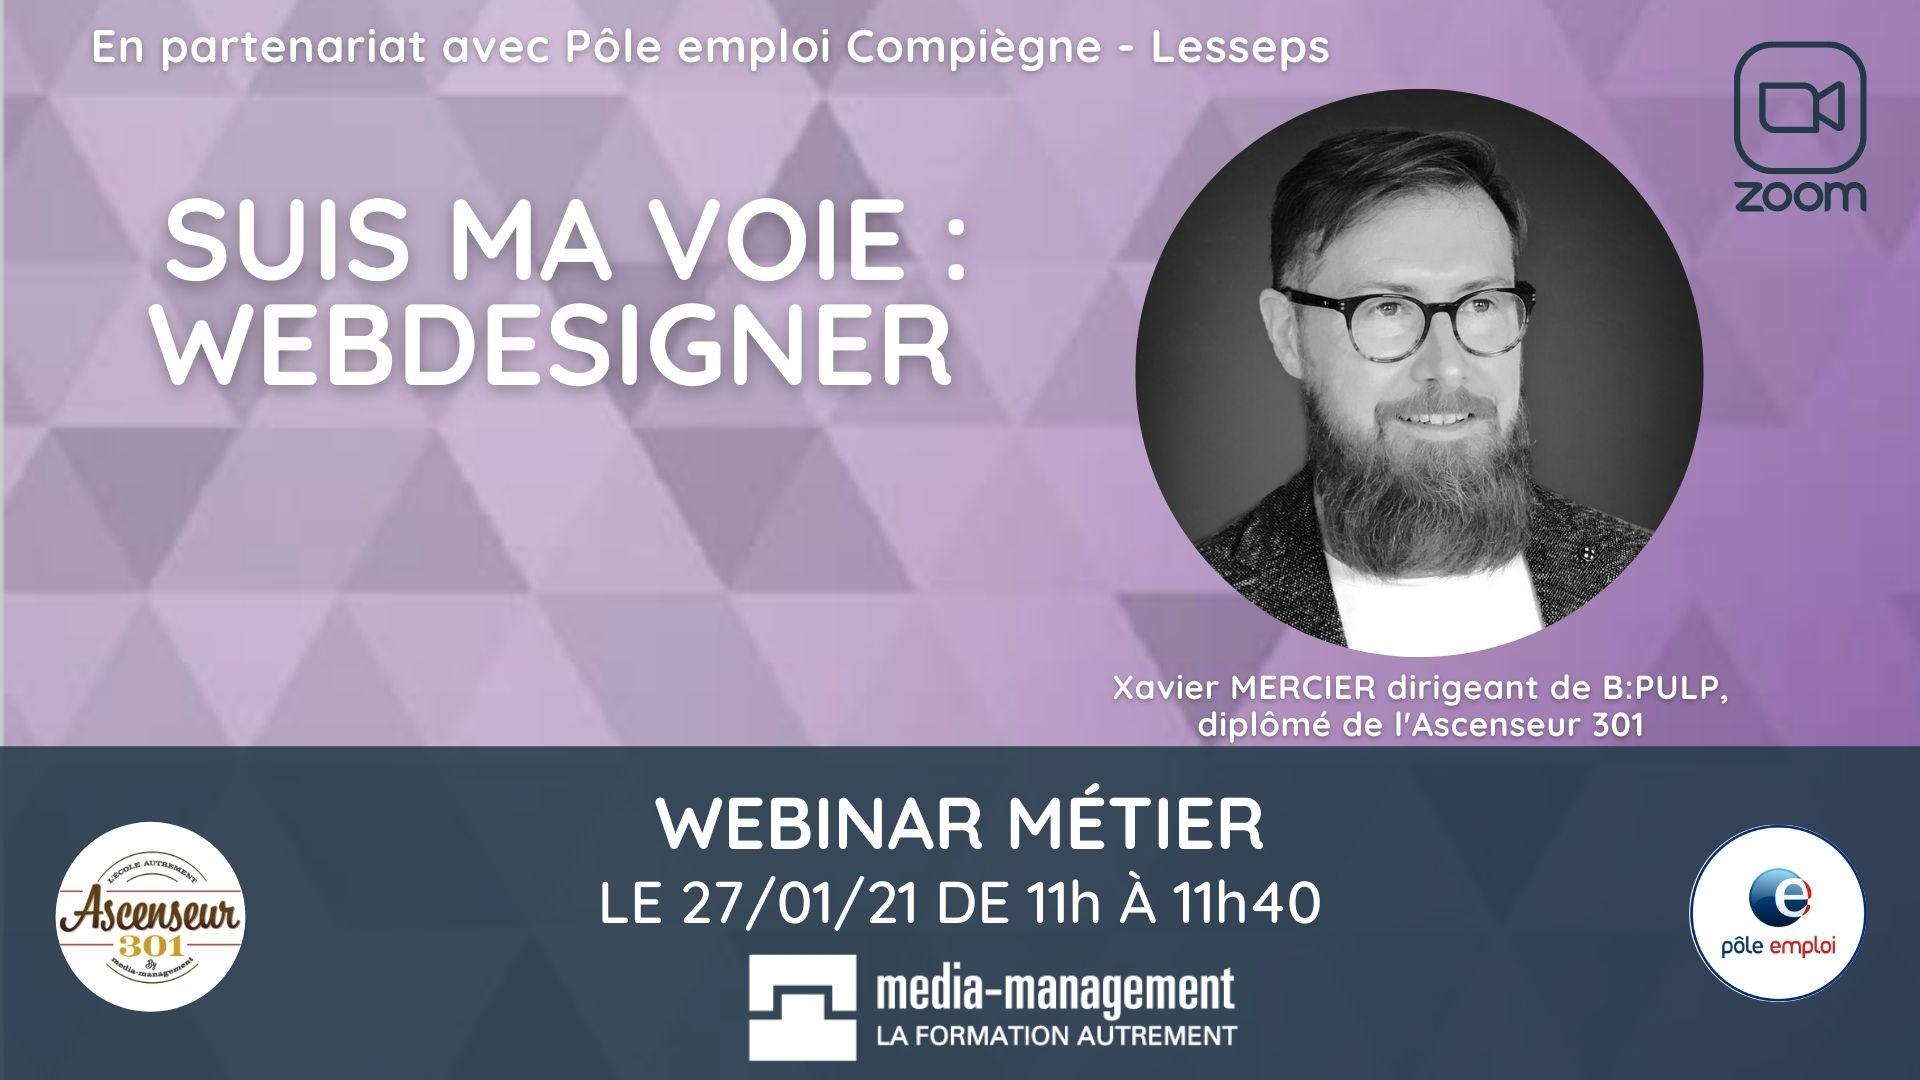 tout savoir sur le métier de webdesigner webinar Xavier Mercier